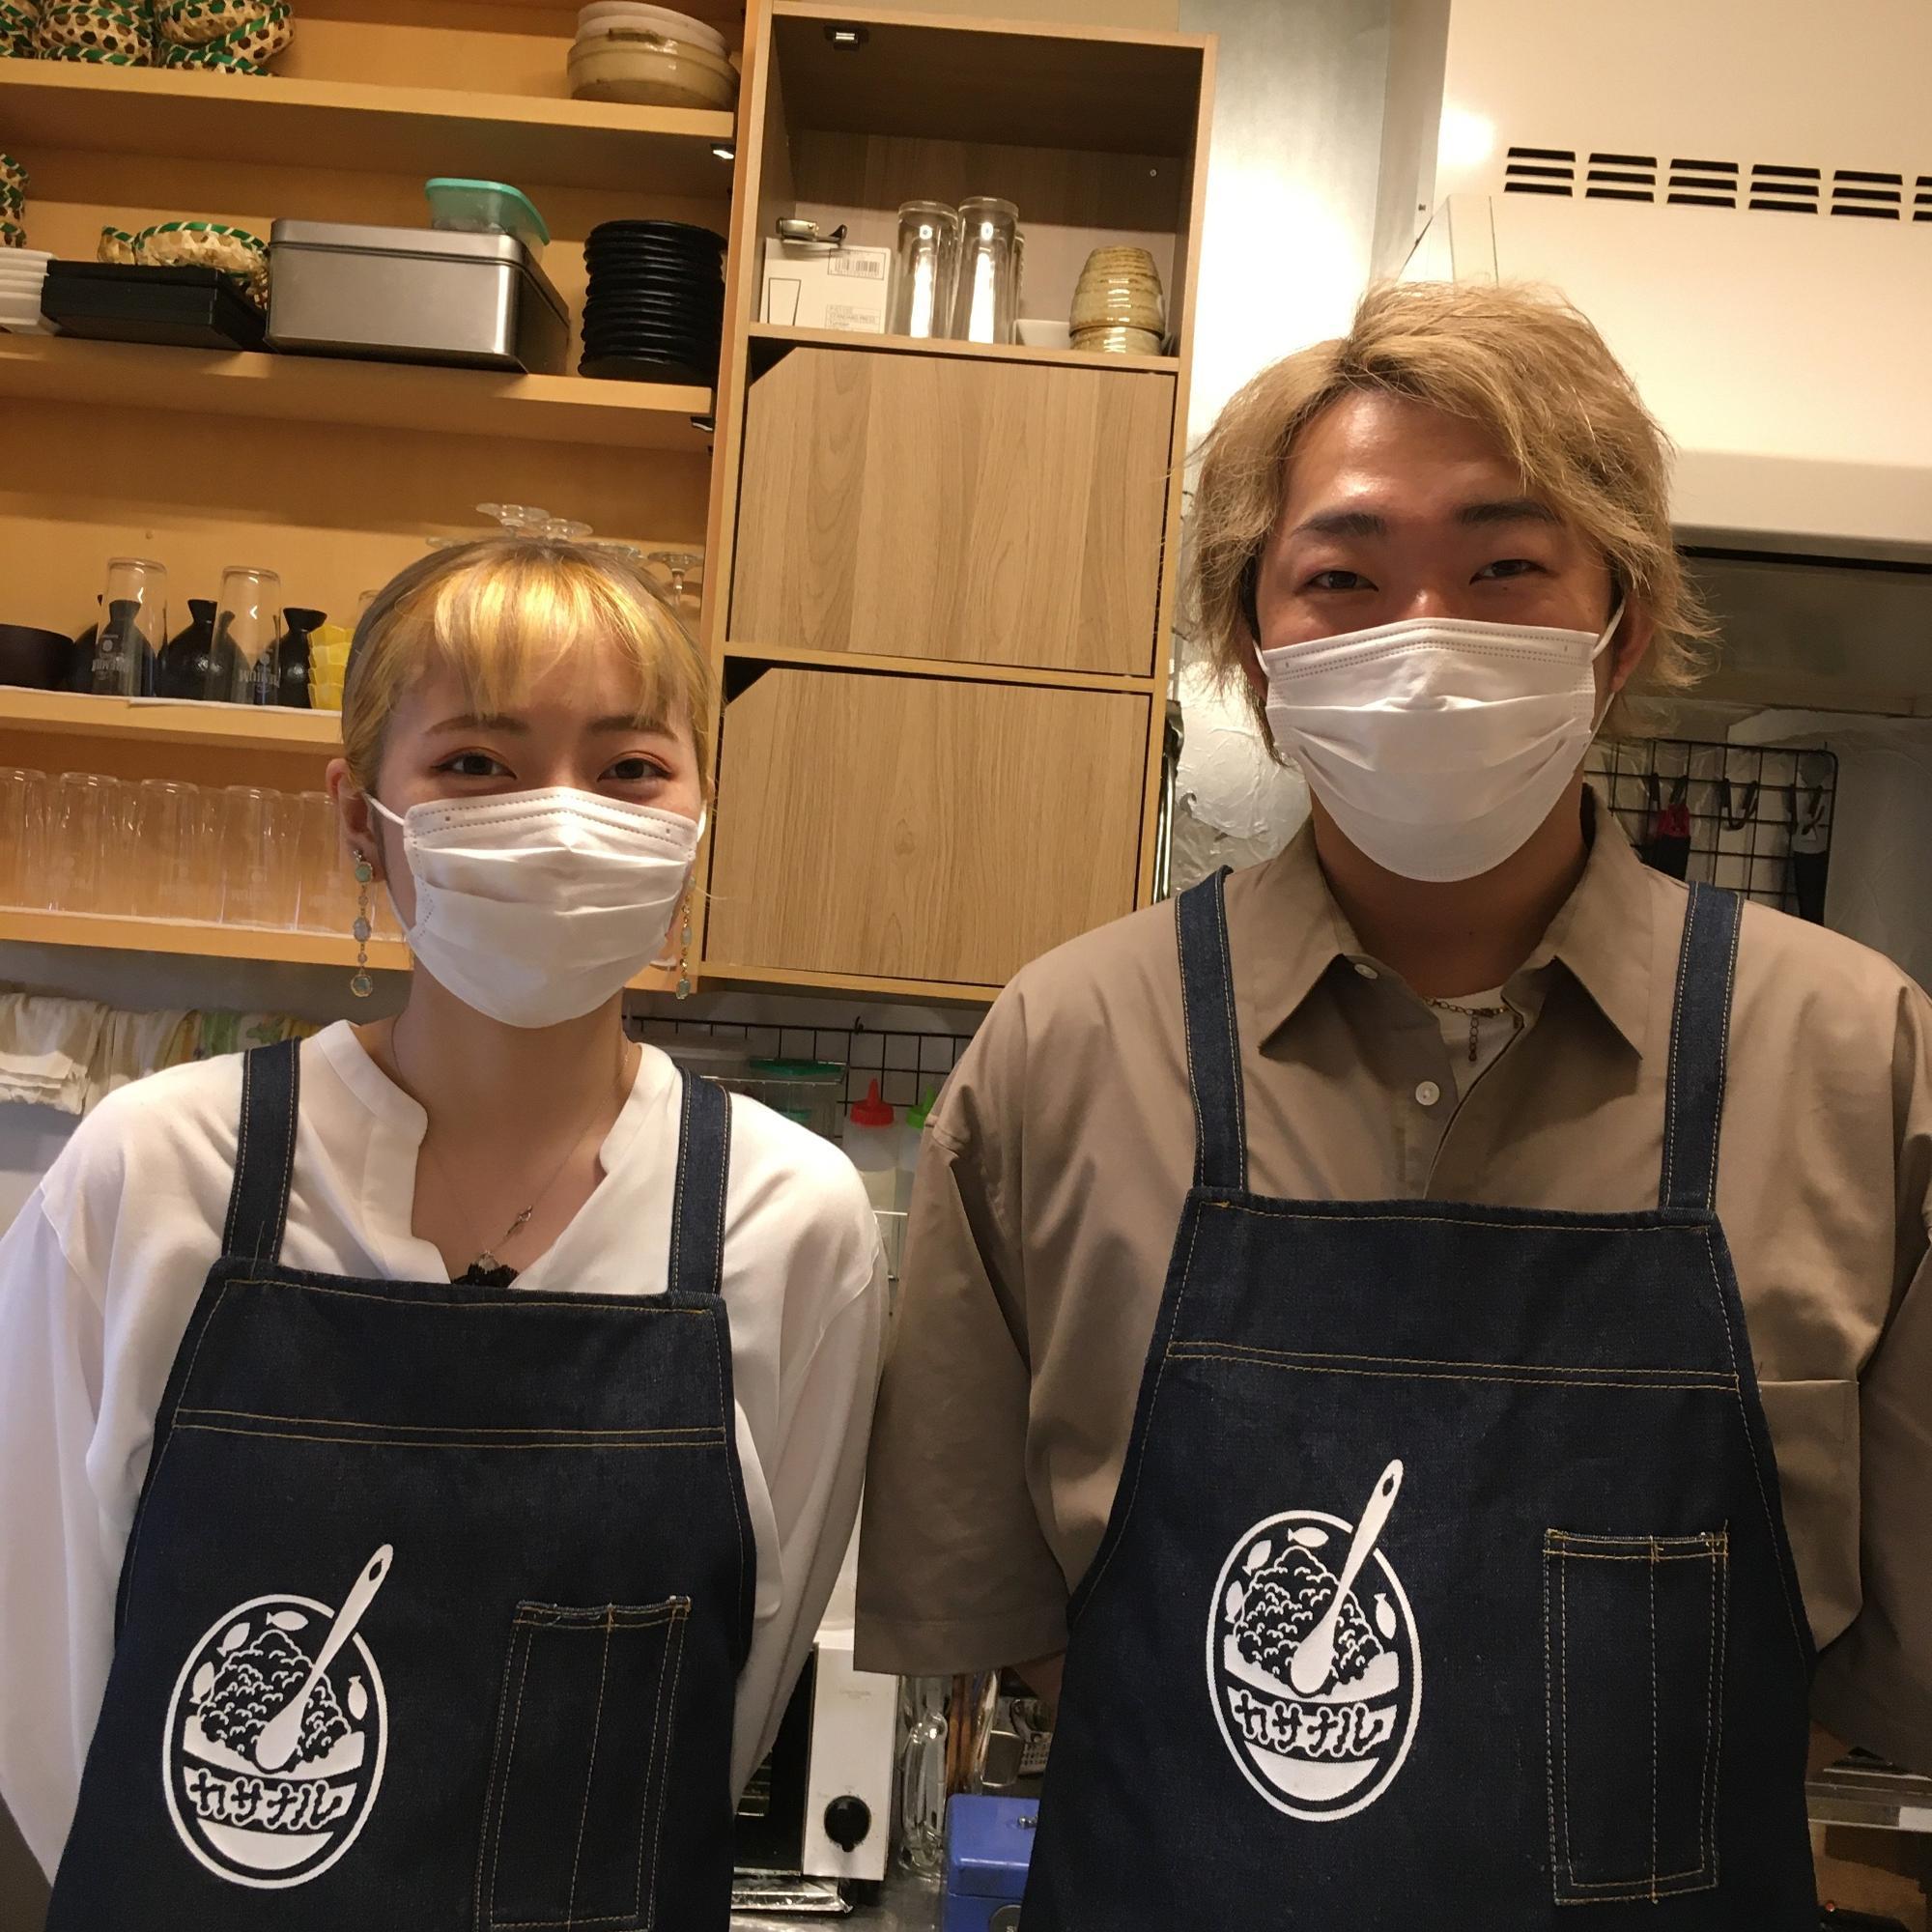 右が代表の山口聖也さん、左がスタッフの渡邊紗弓さん